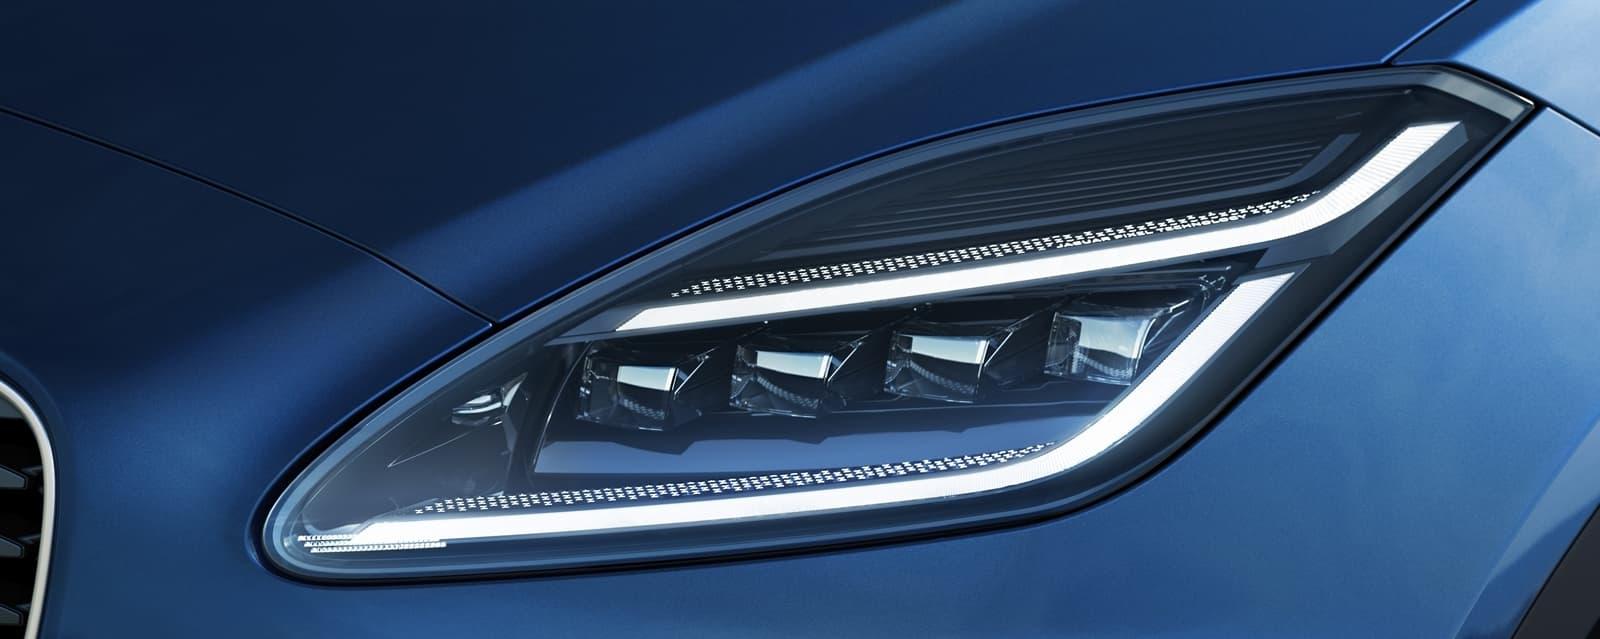 Jaguar E Pace 2021 1020 005